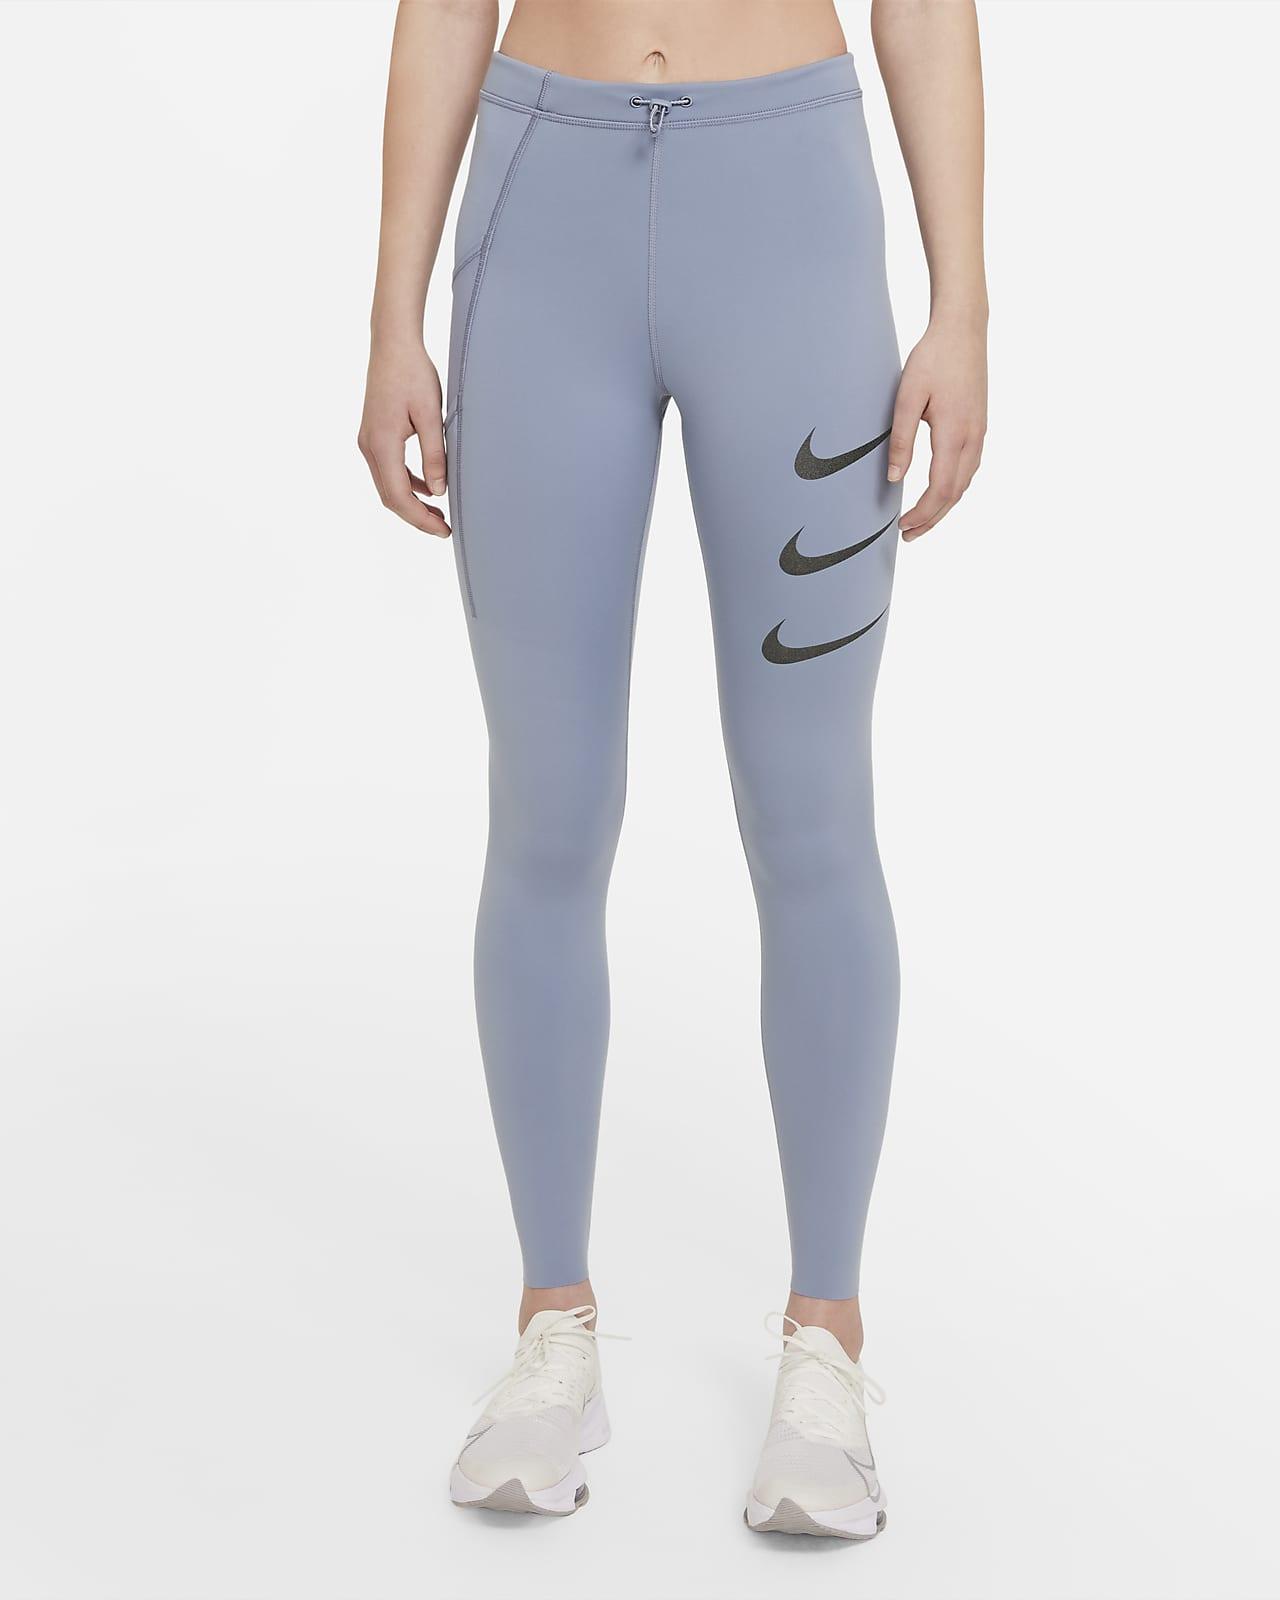 Nike Epic Luxe Run Division Normal Belli Kadın Koşu Taytı